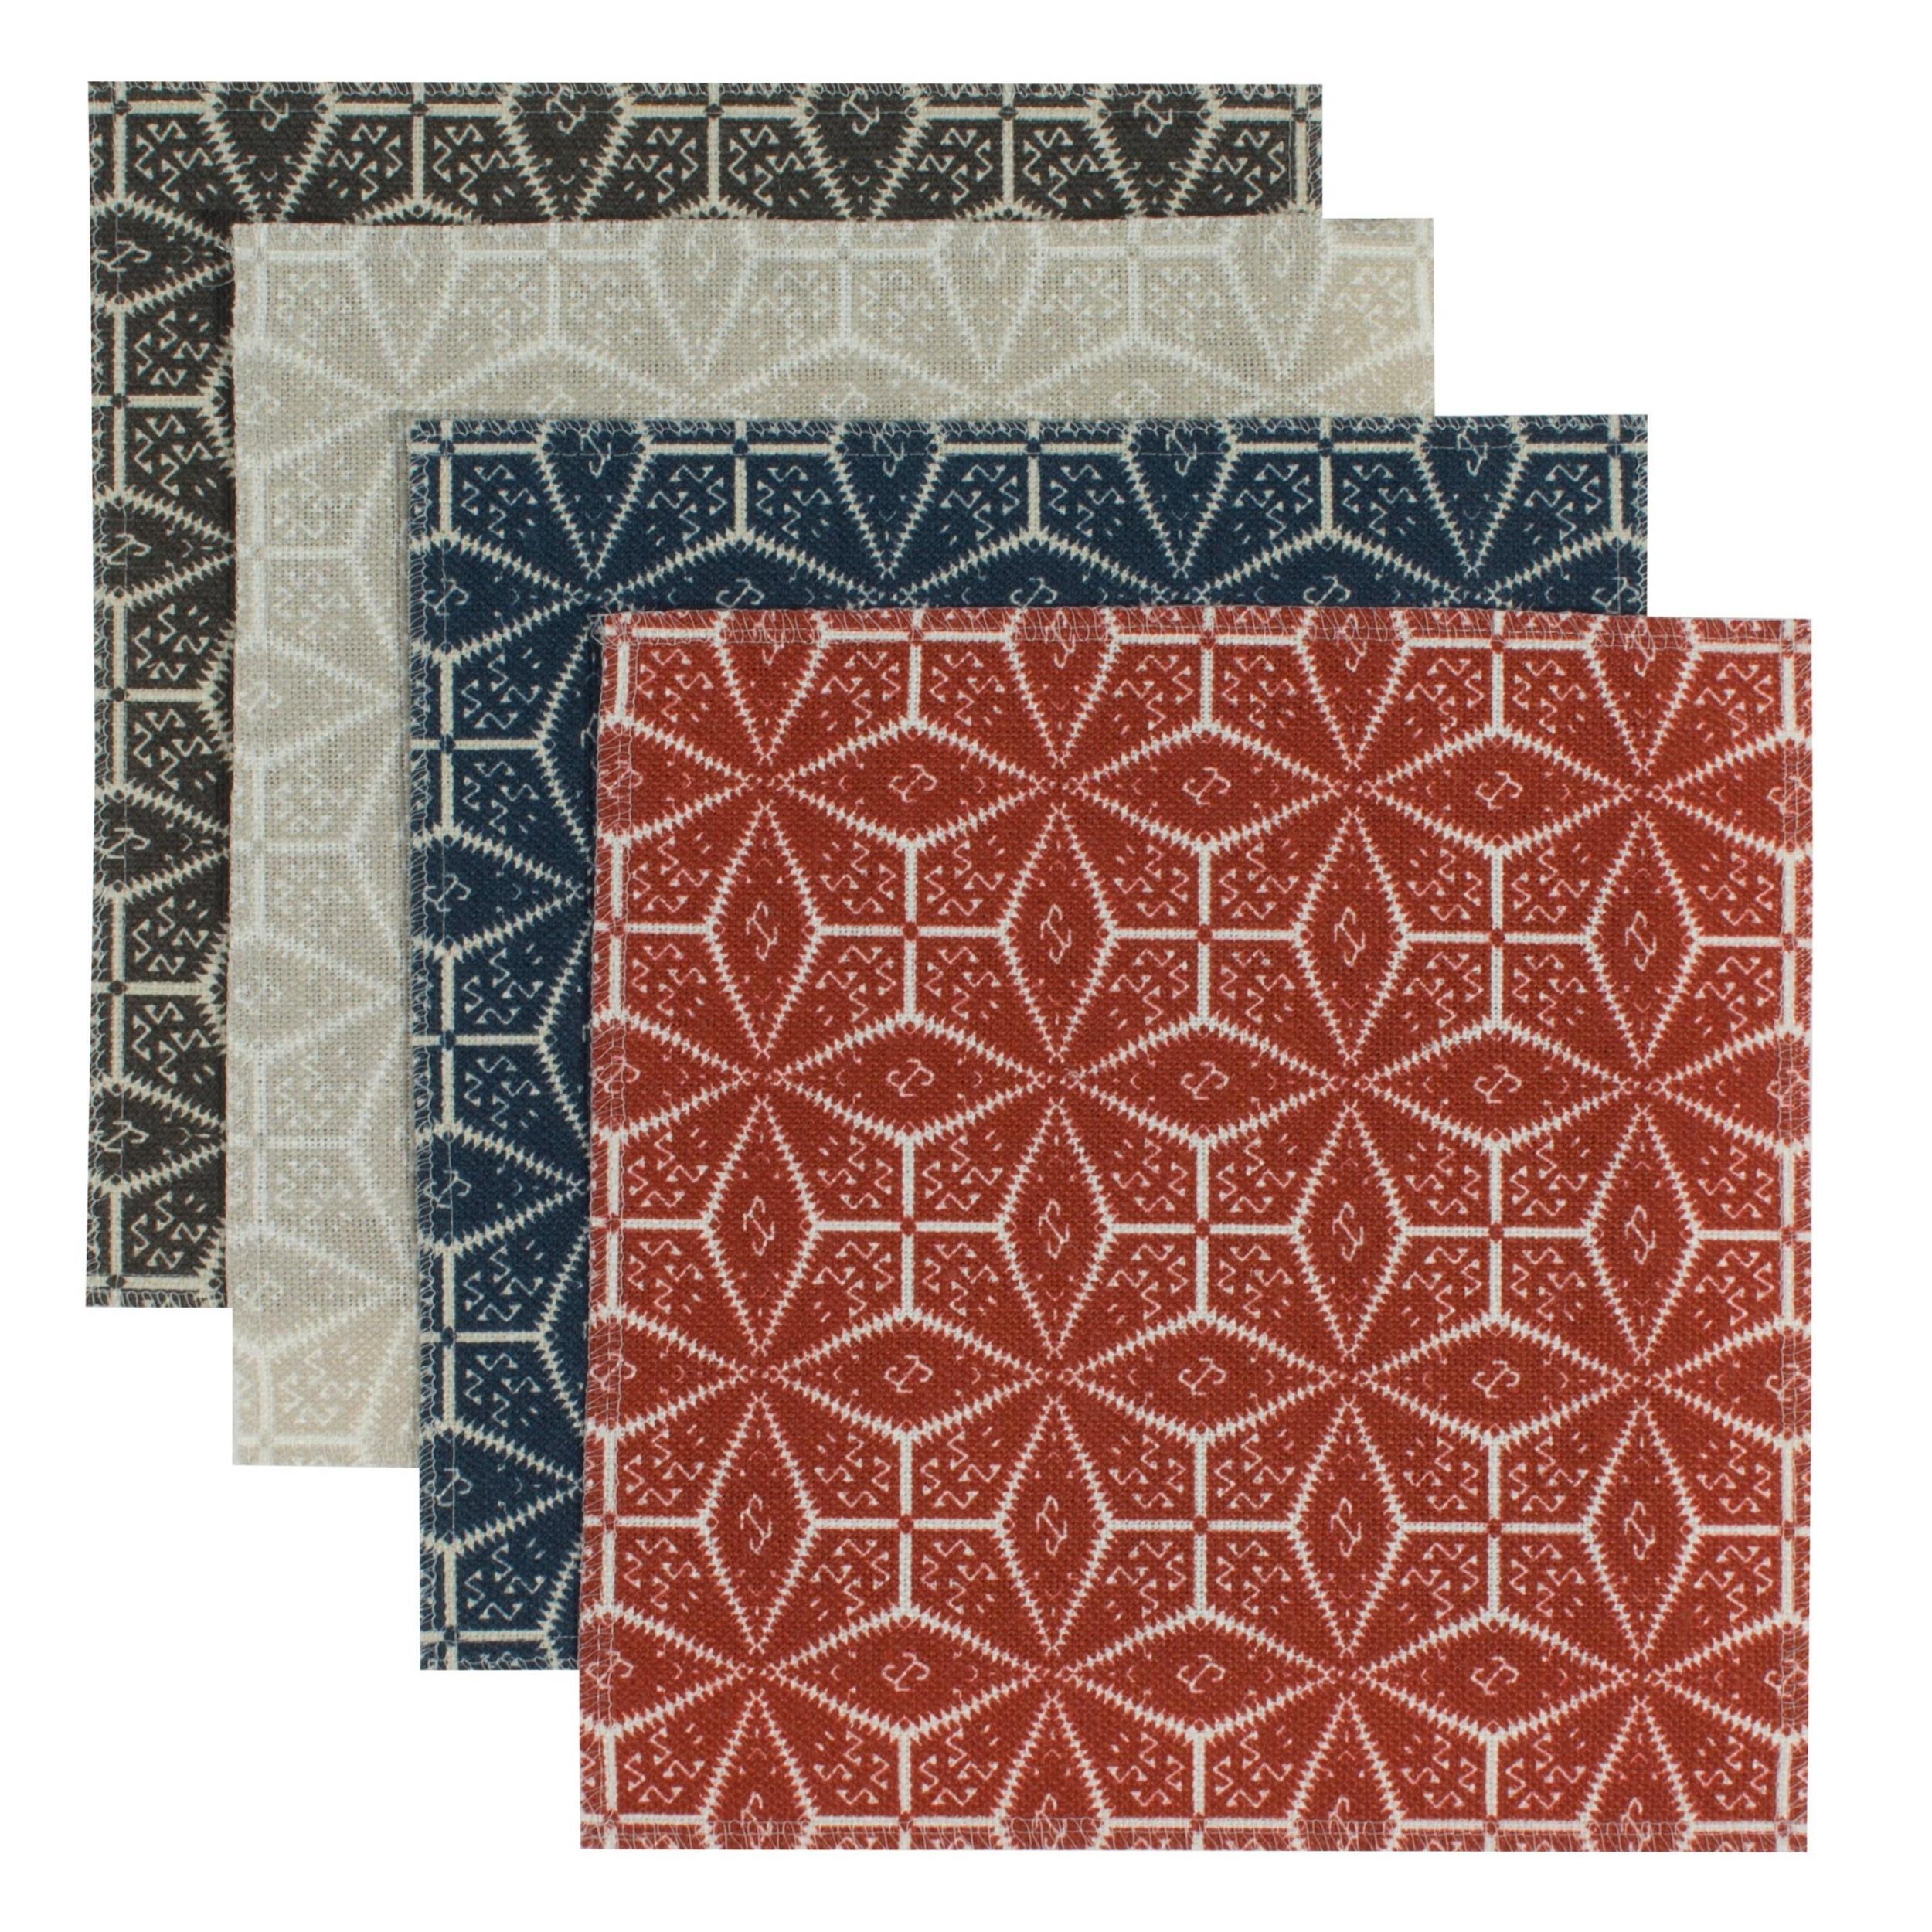 textilesample.jpg